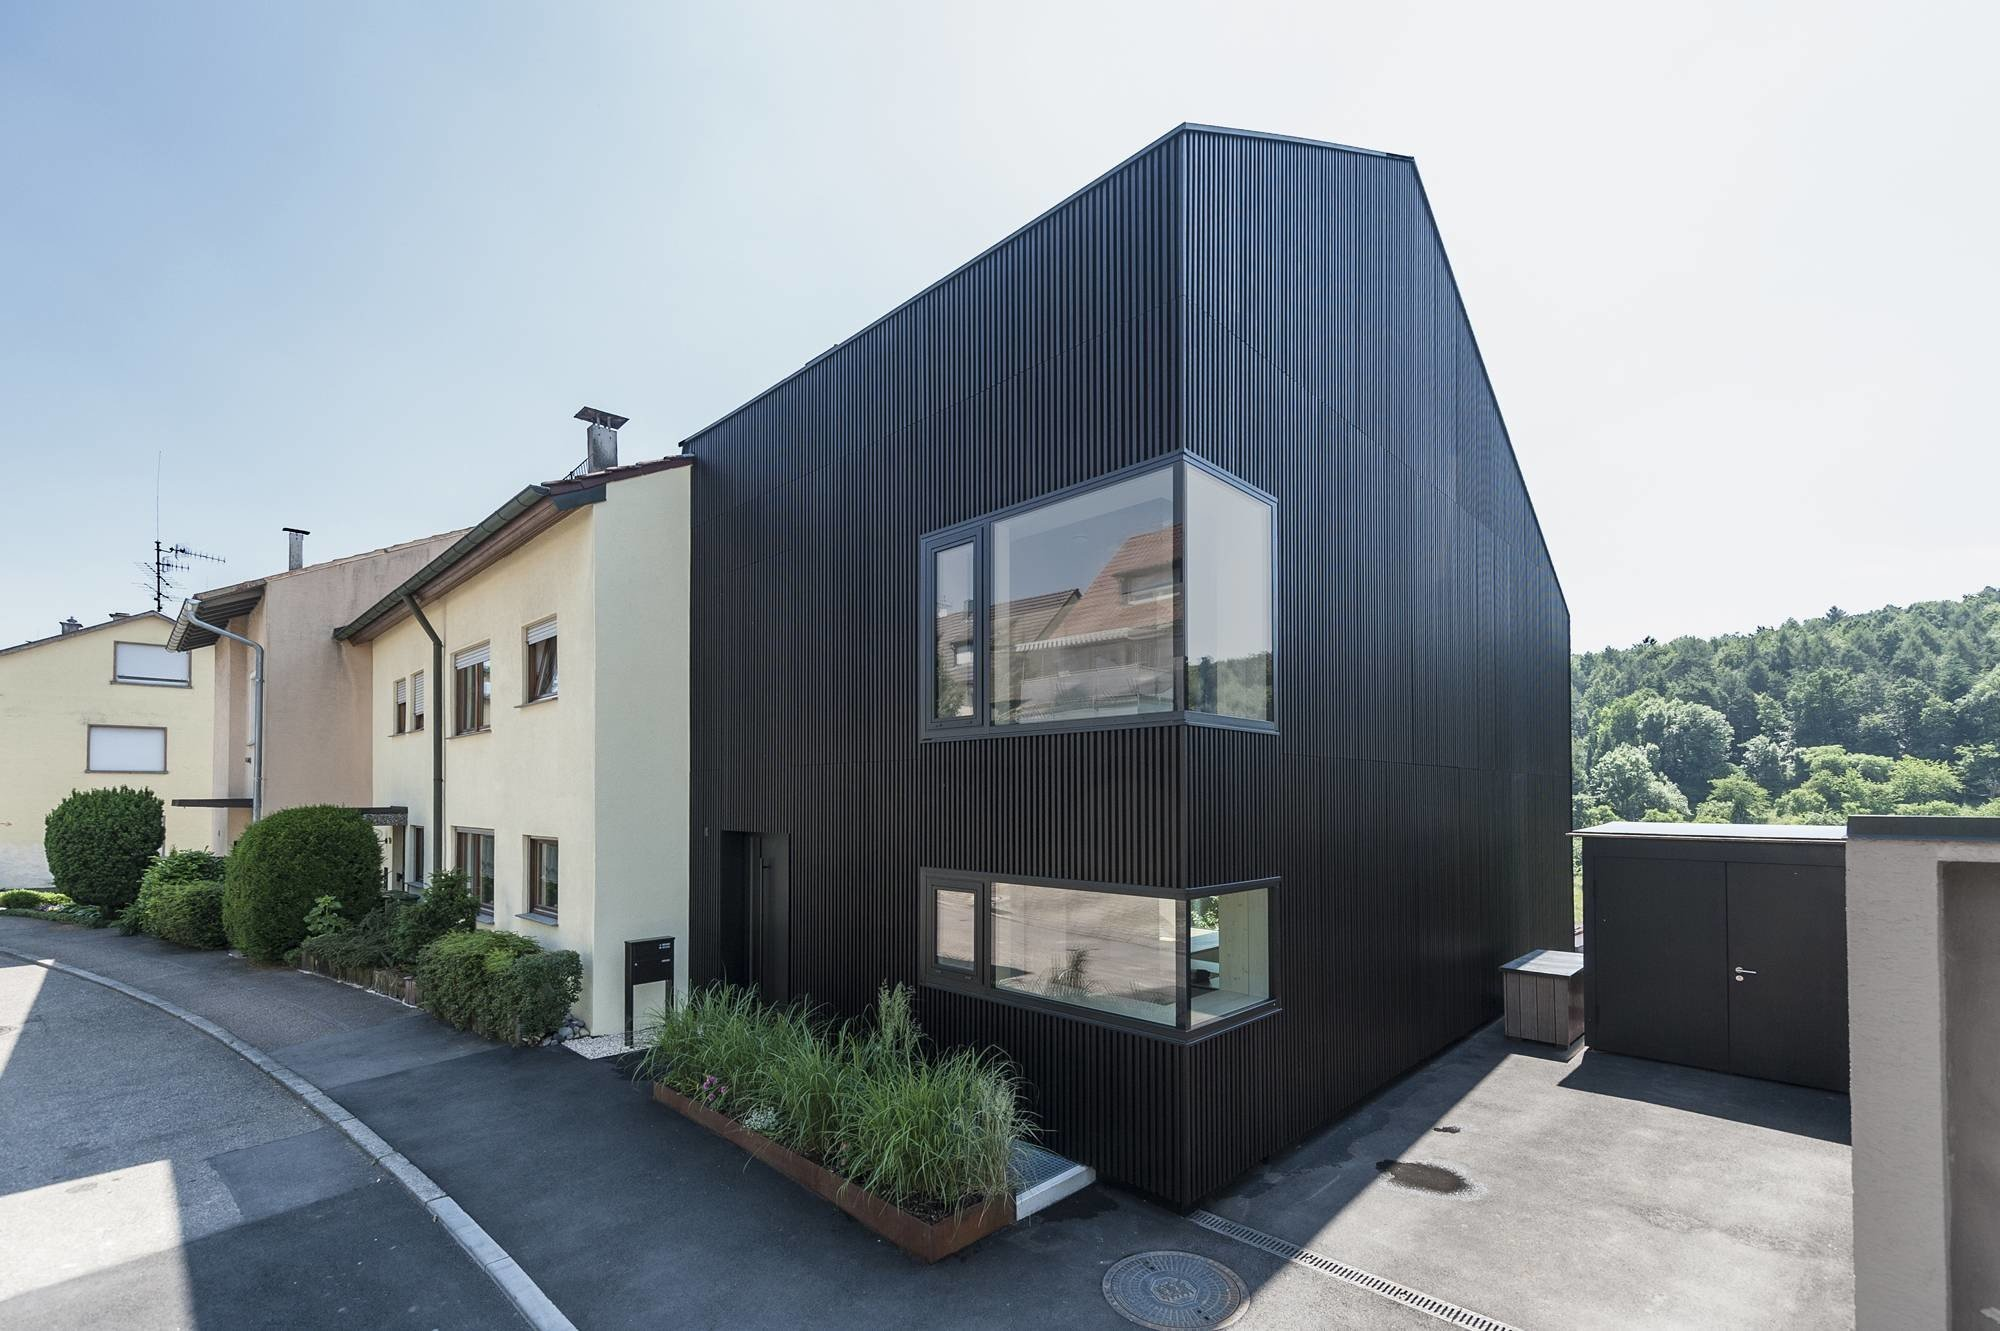 Wohnhaus in stuttgart geneigtes dach wohnen baunetz Architektur wohnen